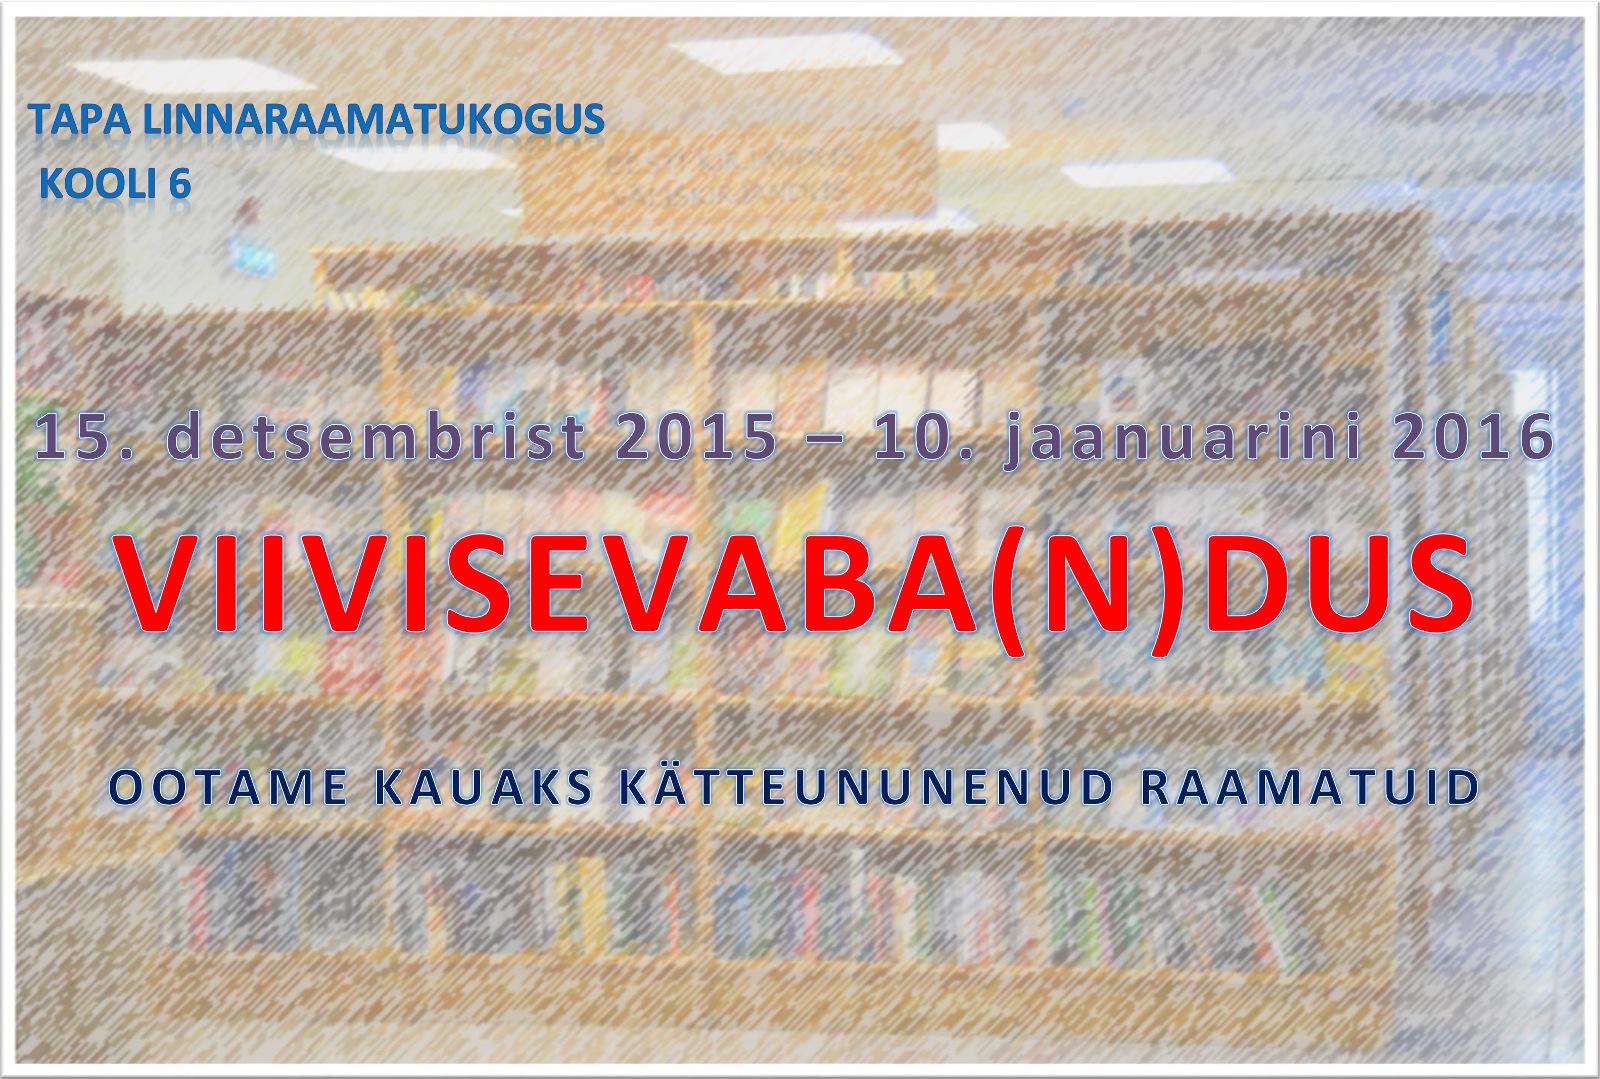 15.12.2015–10.01.2016 Viivisevabad päevad